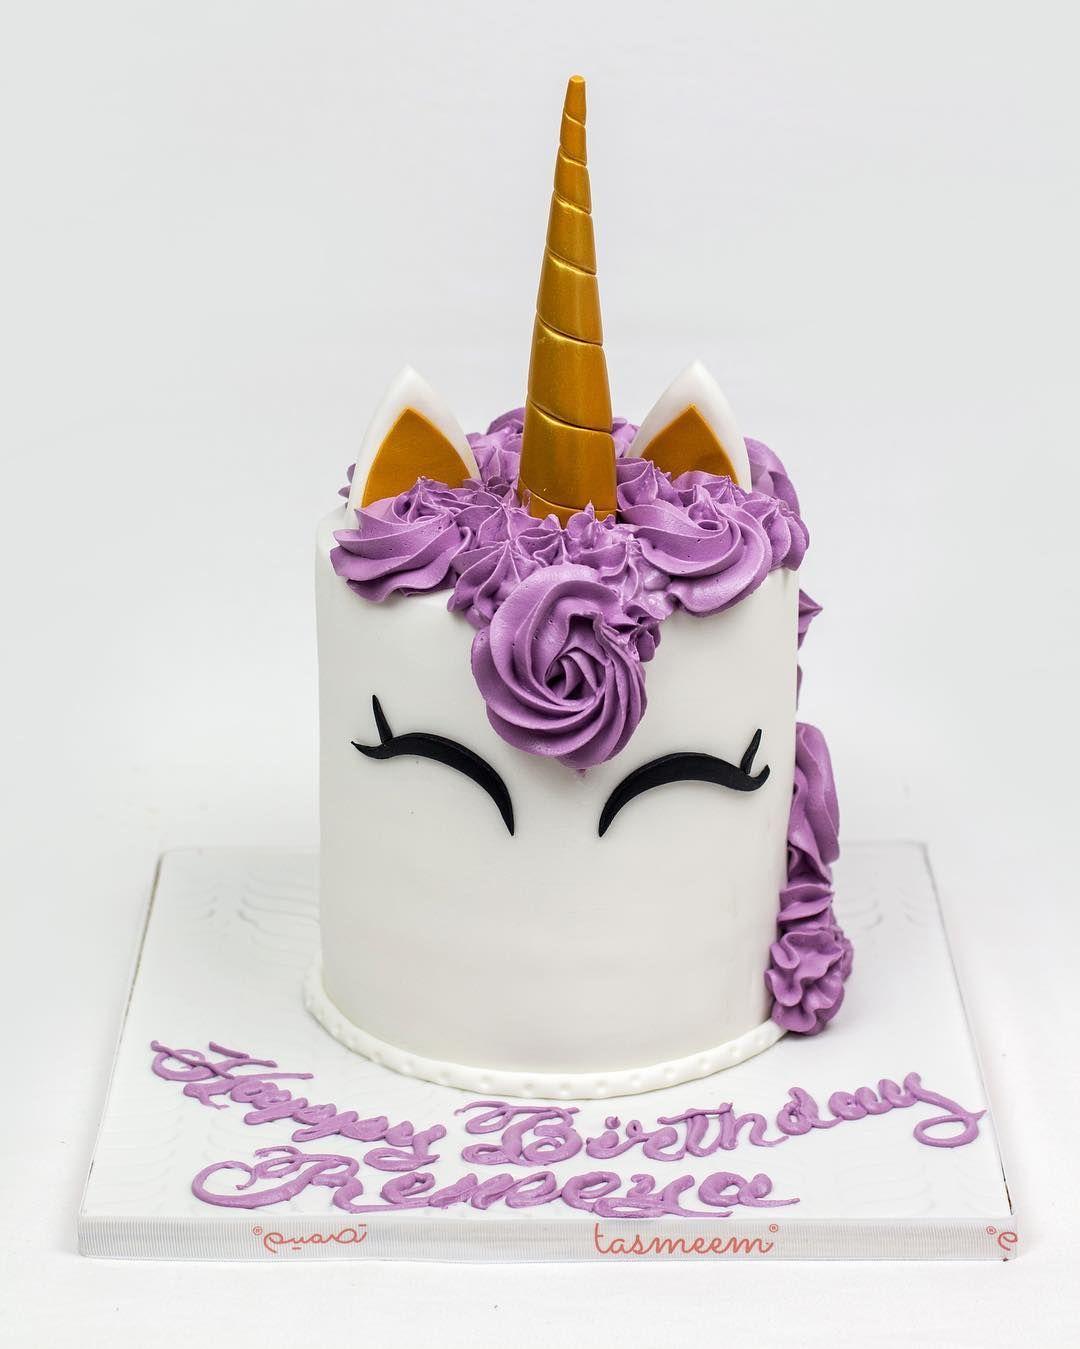 يمكنكم طلب كيكات تصميم عن طريق الموقع الإلكتروني الرابط في البايو او عن طريق الواتس اب على الرقم او من خلال زيارة احد فروعنا Tasmeem Cake Desserts Sweets